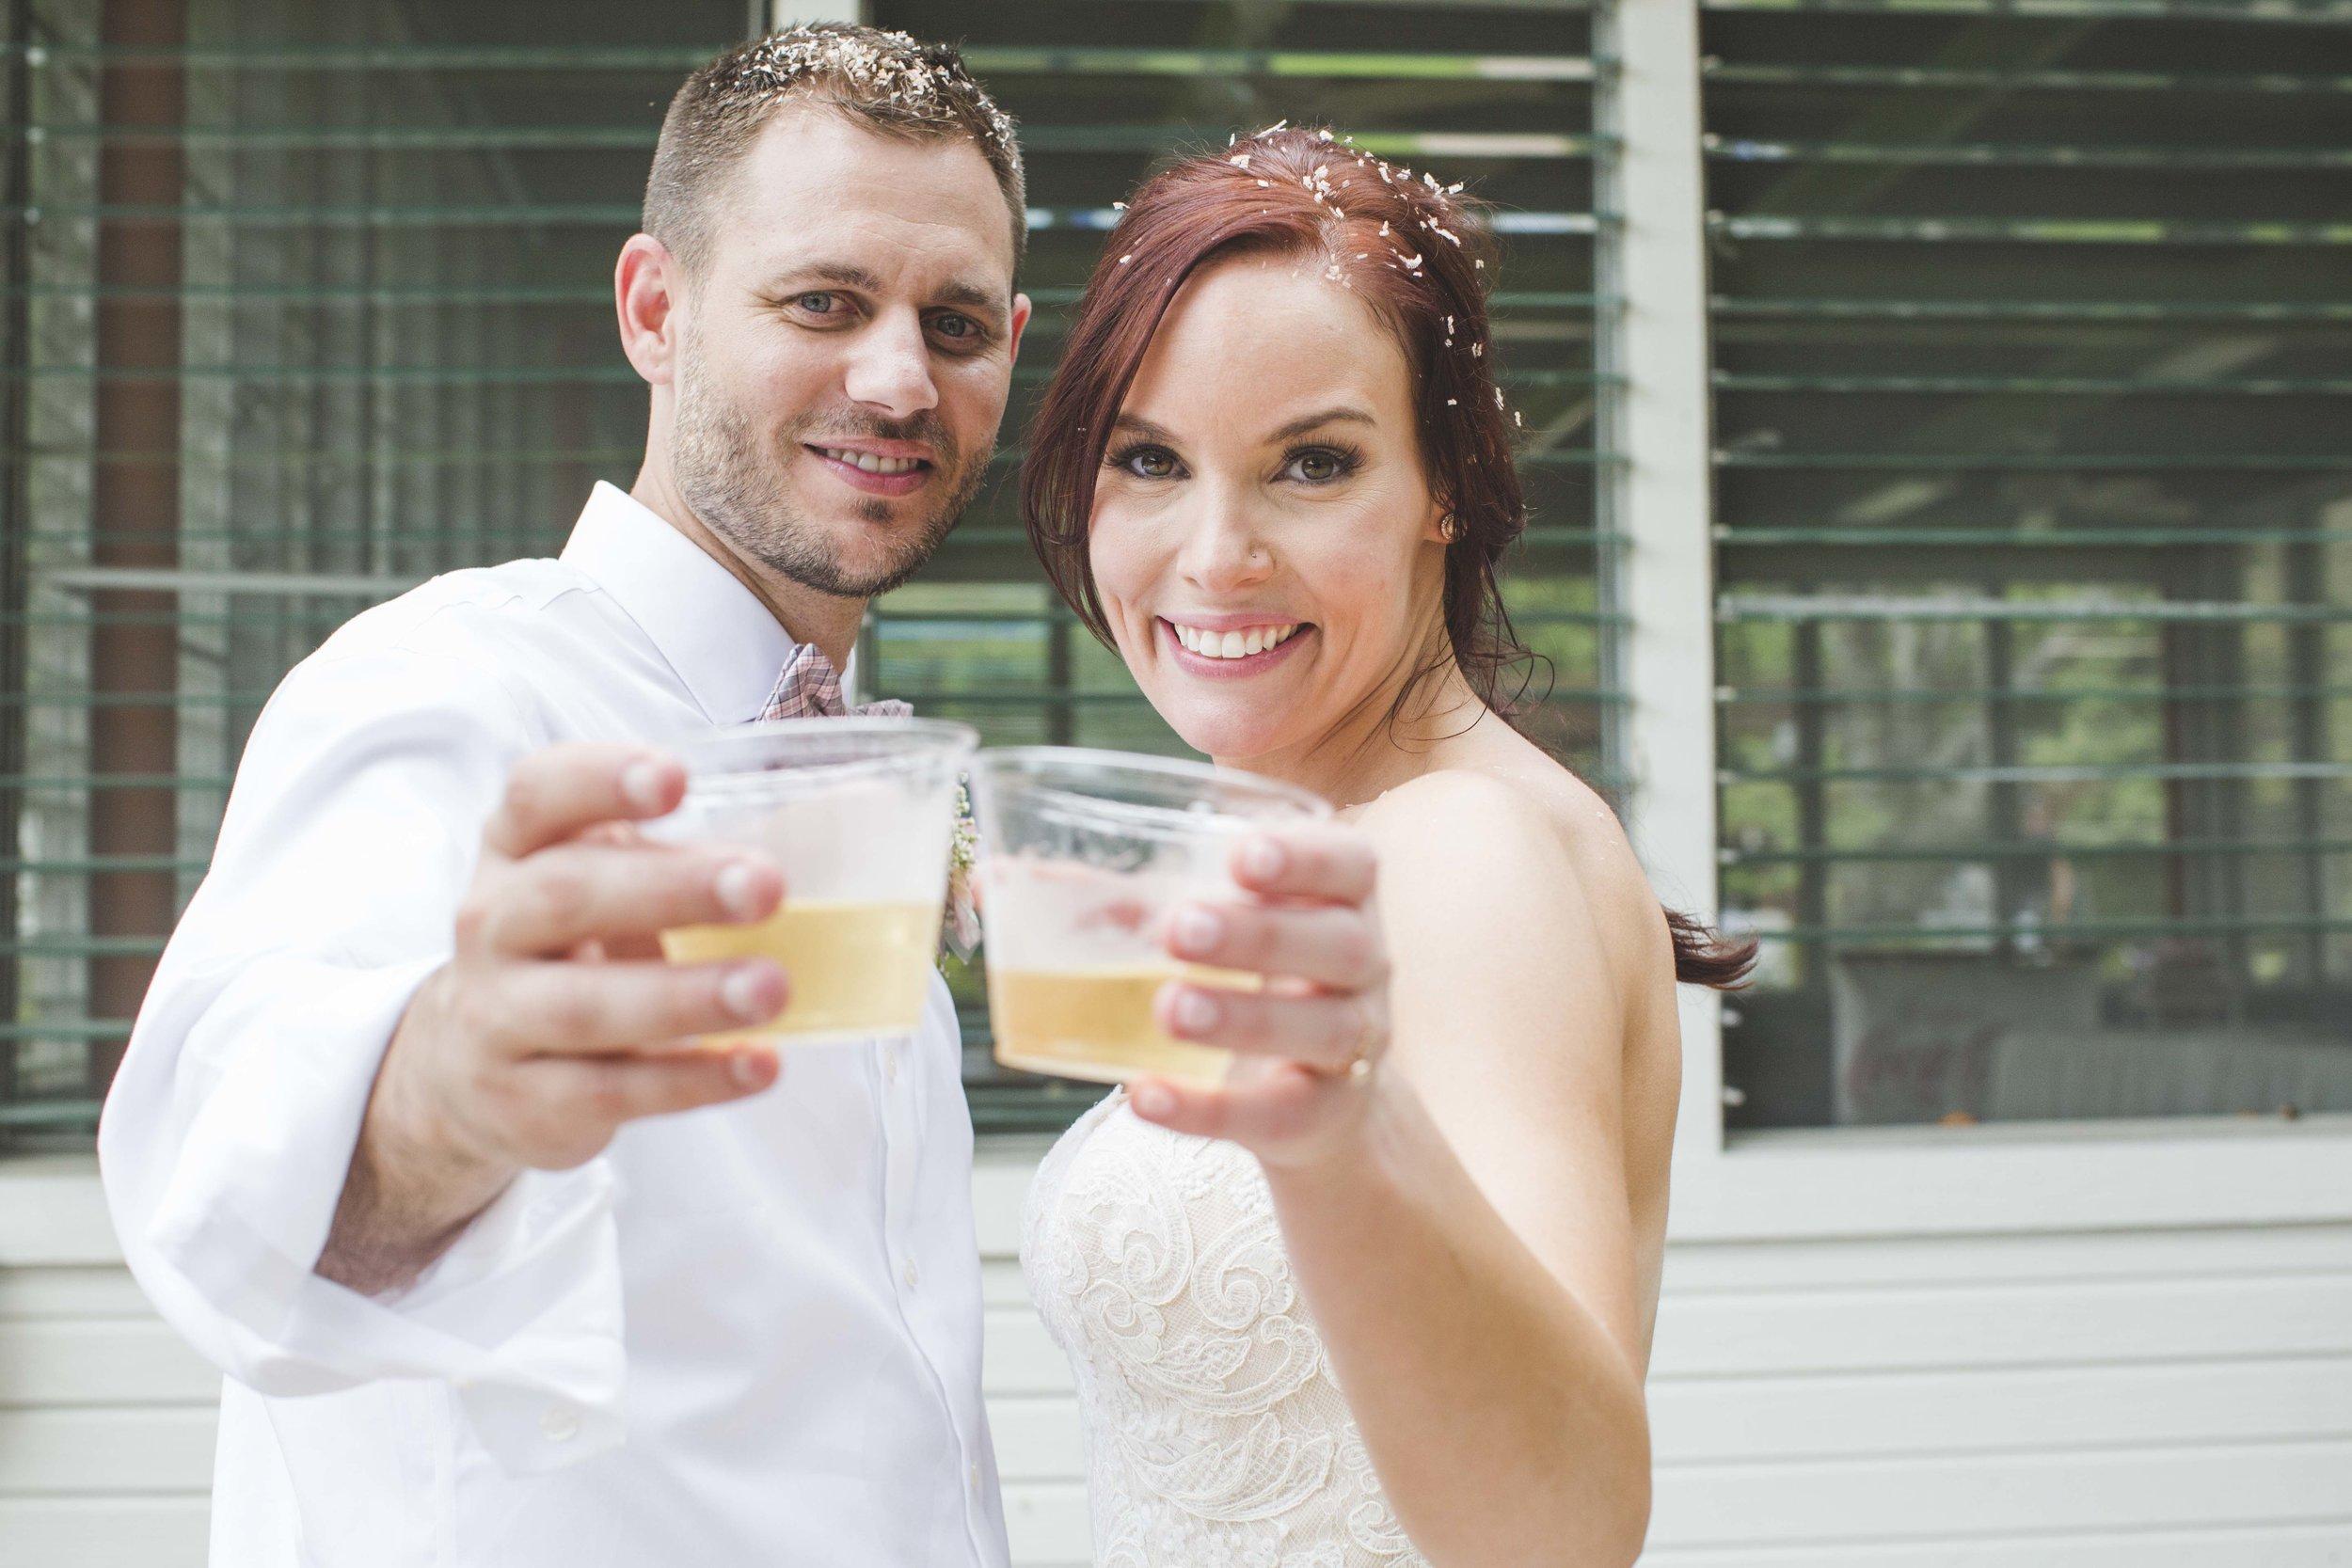 ATGI_Susanna & Matt Wedding_717A8841.jpg